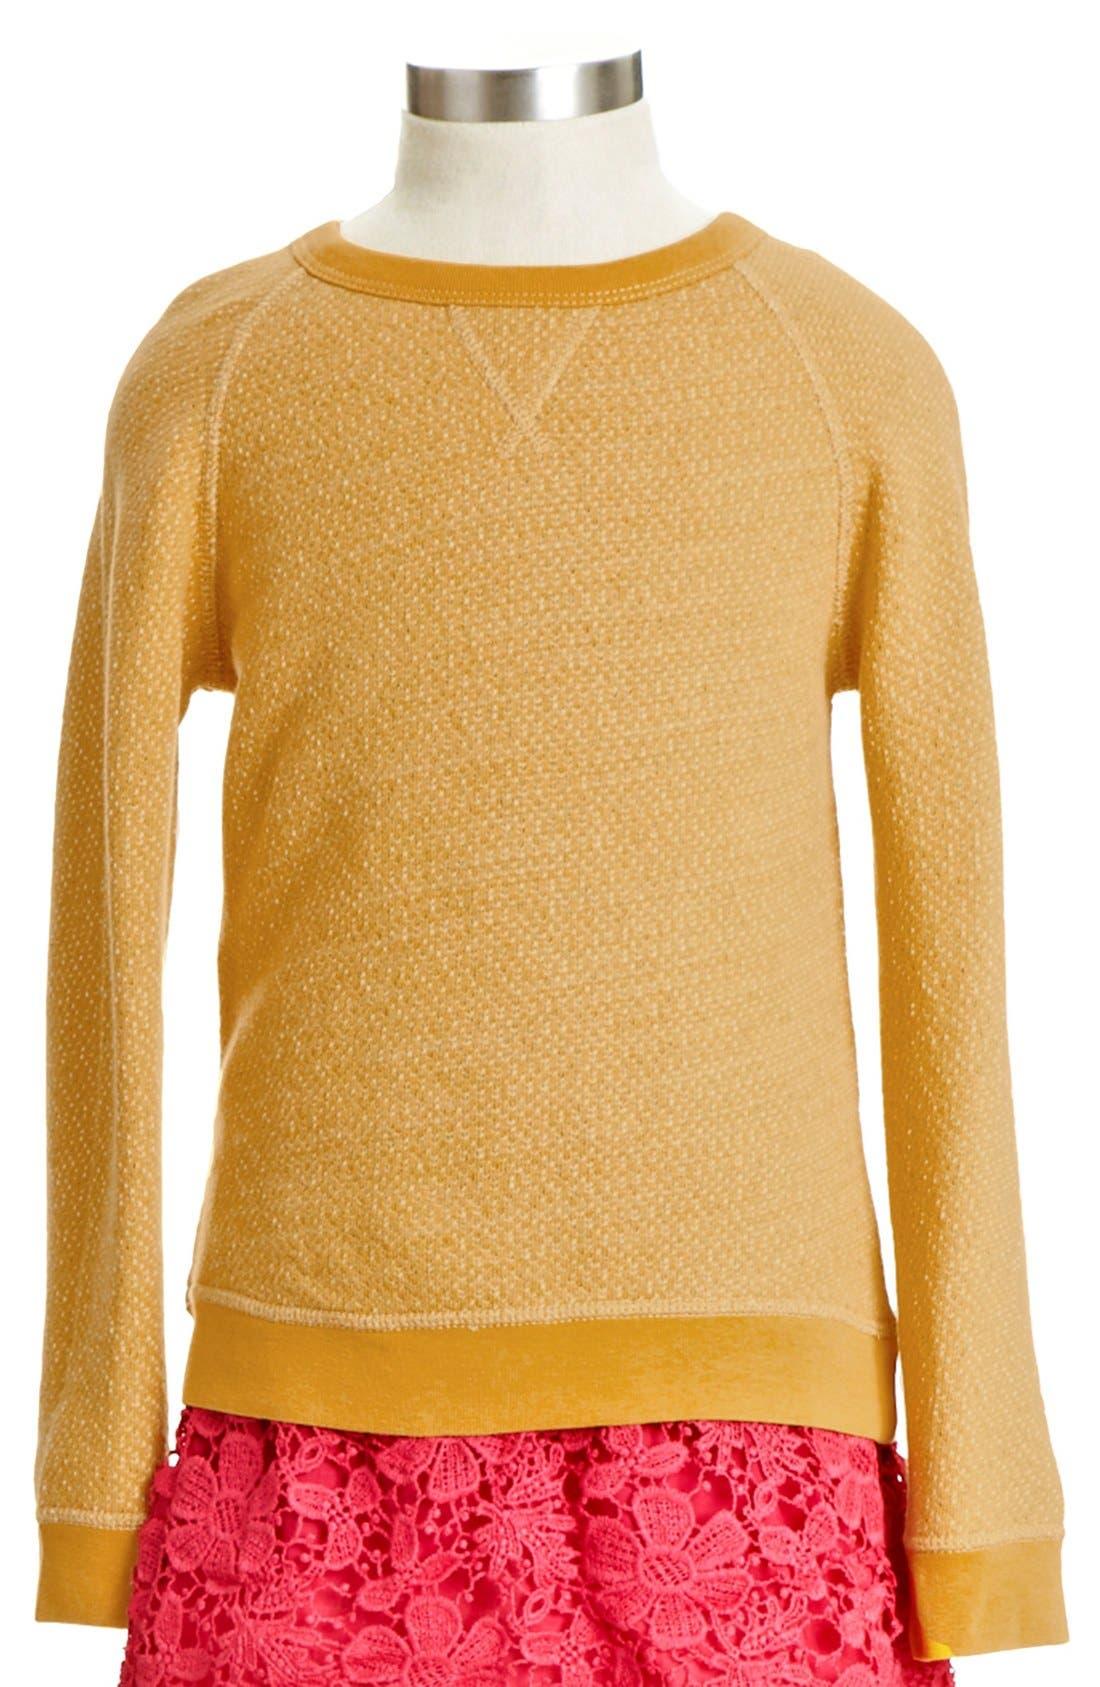 Main Image - Peek 'Kylie' Sweatshirt (Toddler Girls, Little Girls & Big Girls)